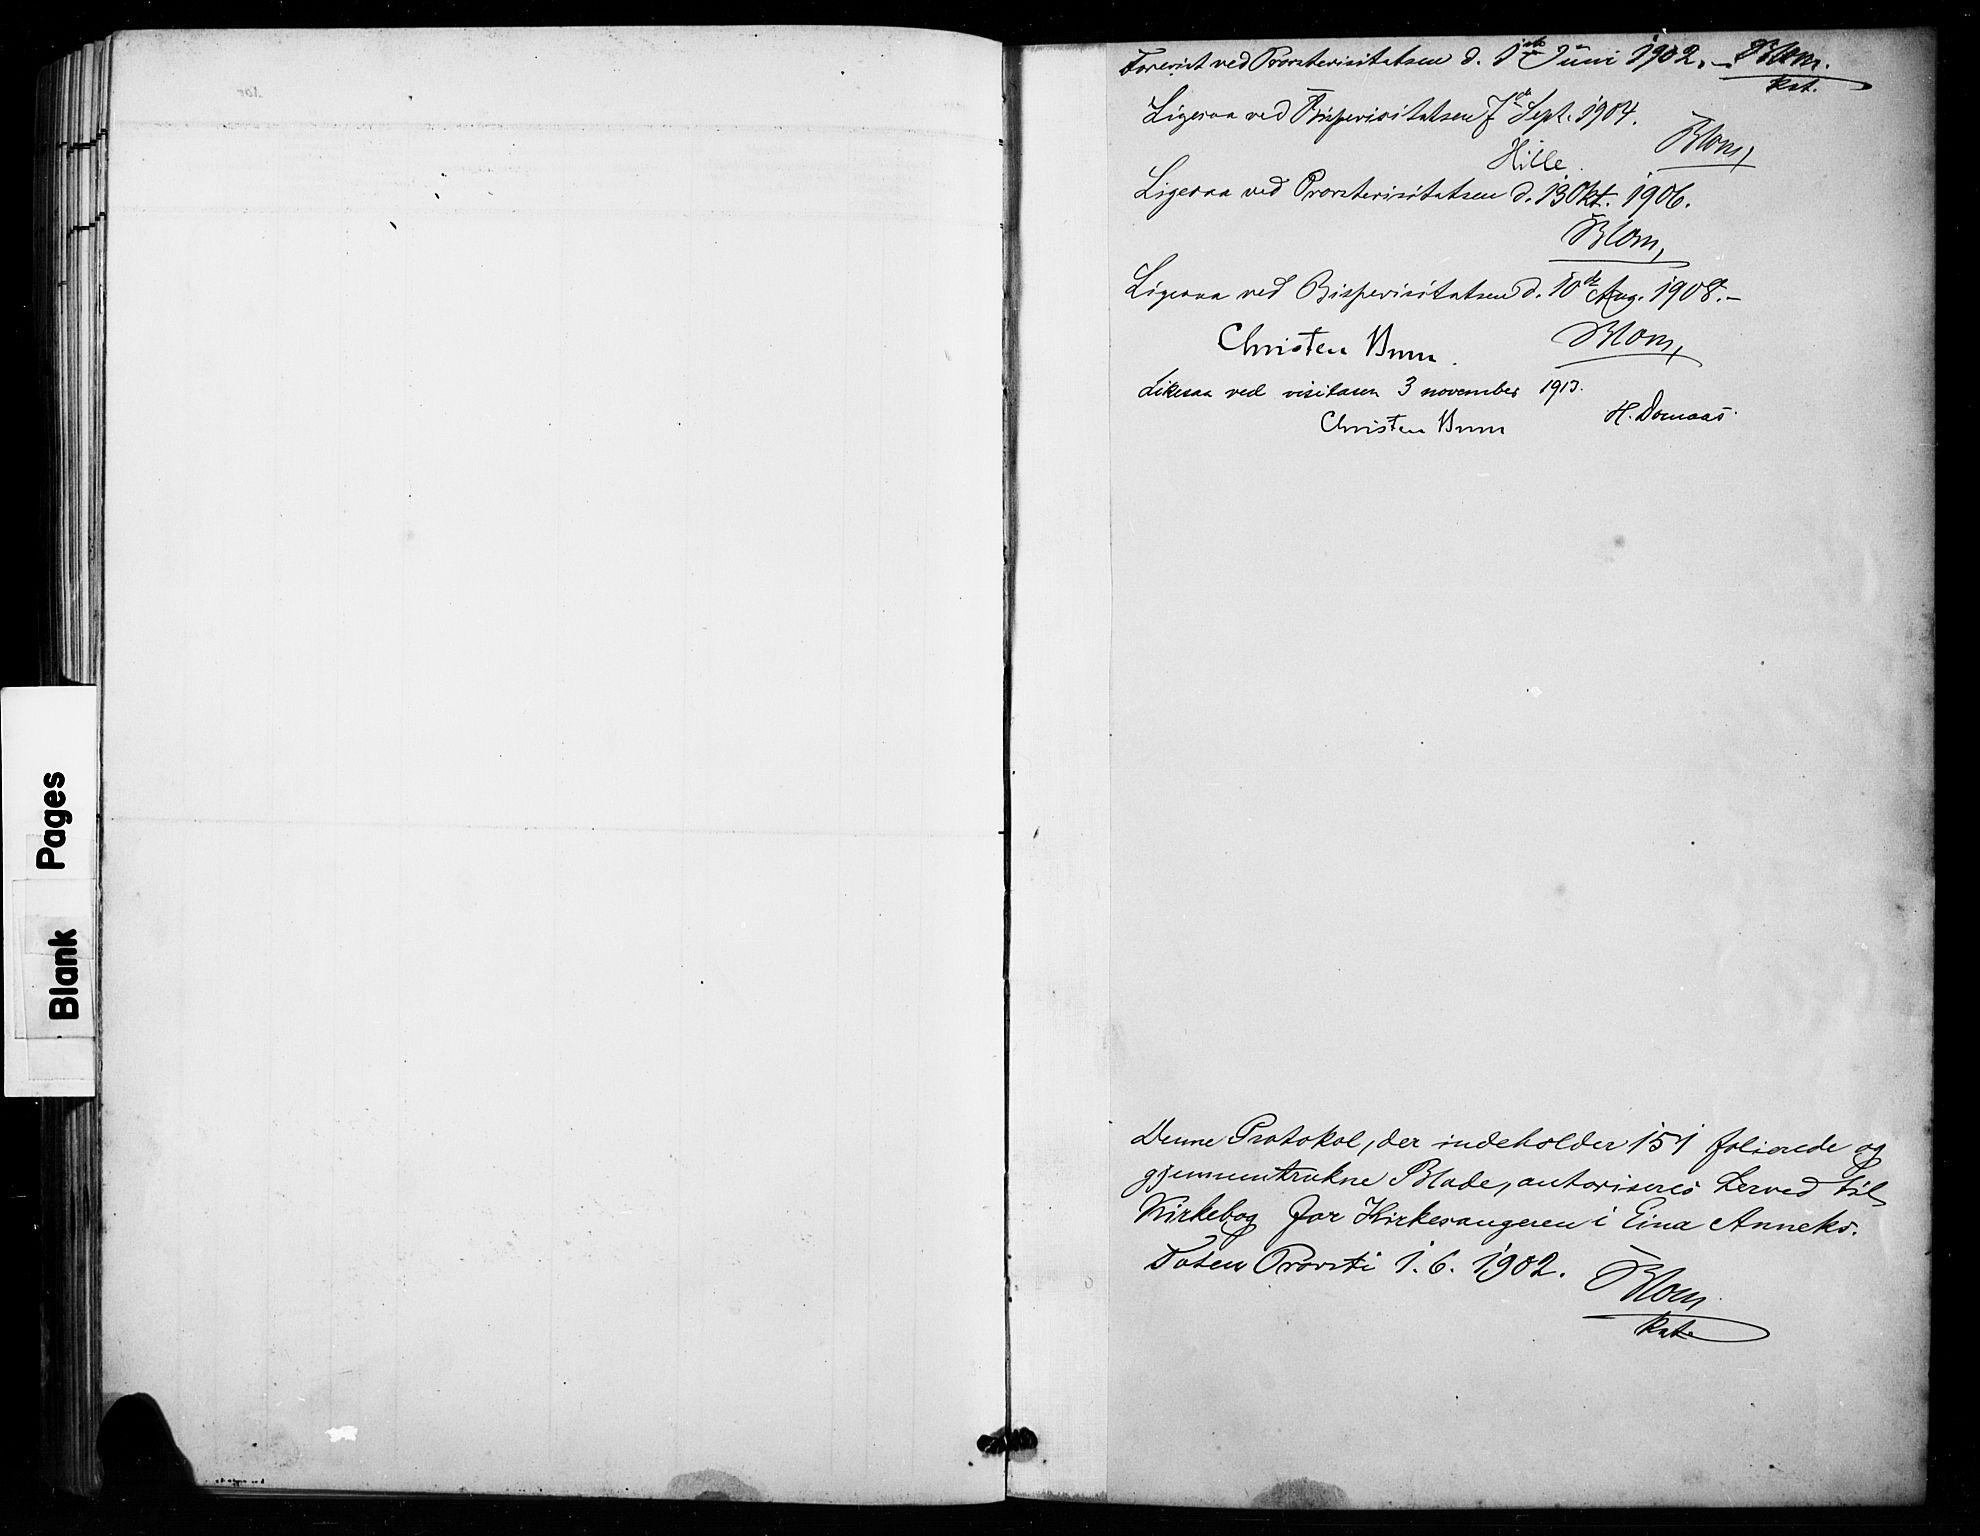 SAH, Vestre Toten prestekontor, H/Ha/Hab/L0016: Klokkerbok nr. 16, 1901-1915